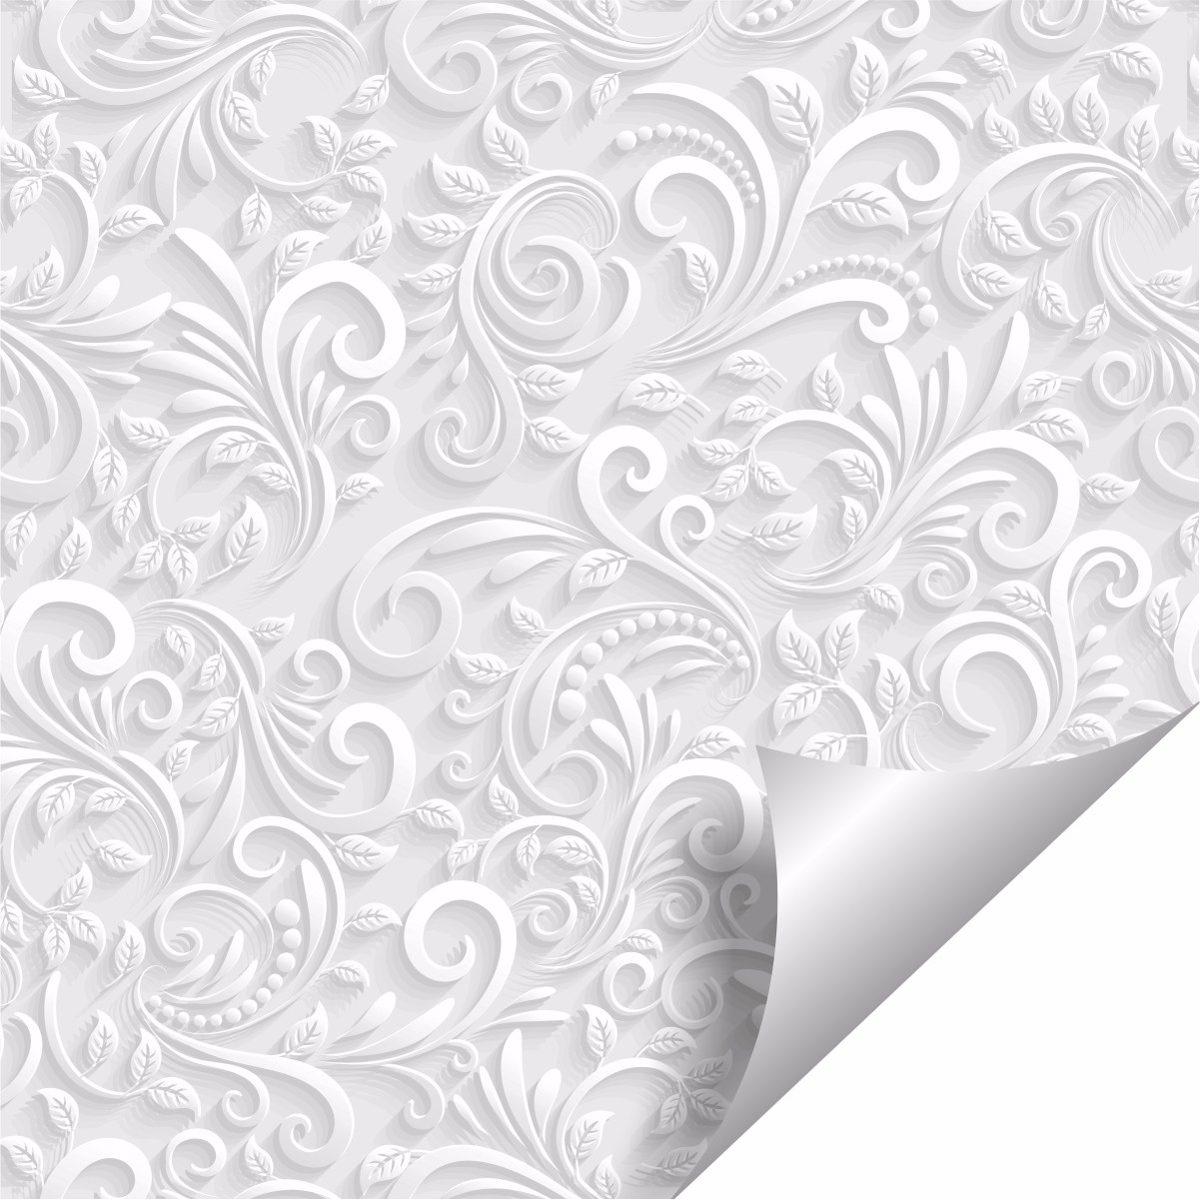 Papel de parede floral efeito 3d r 44 90 em mercado livre - Papel autoadhesivo para paredes ...